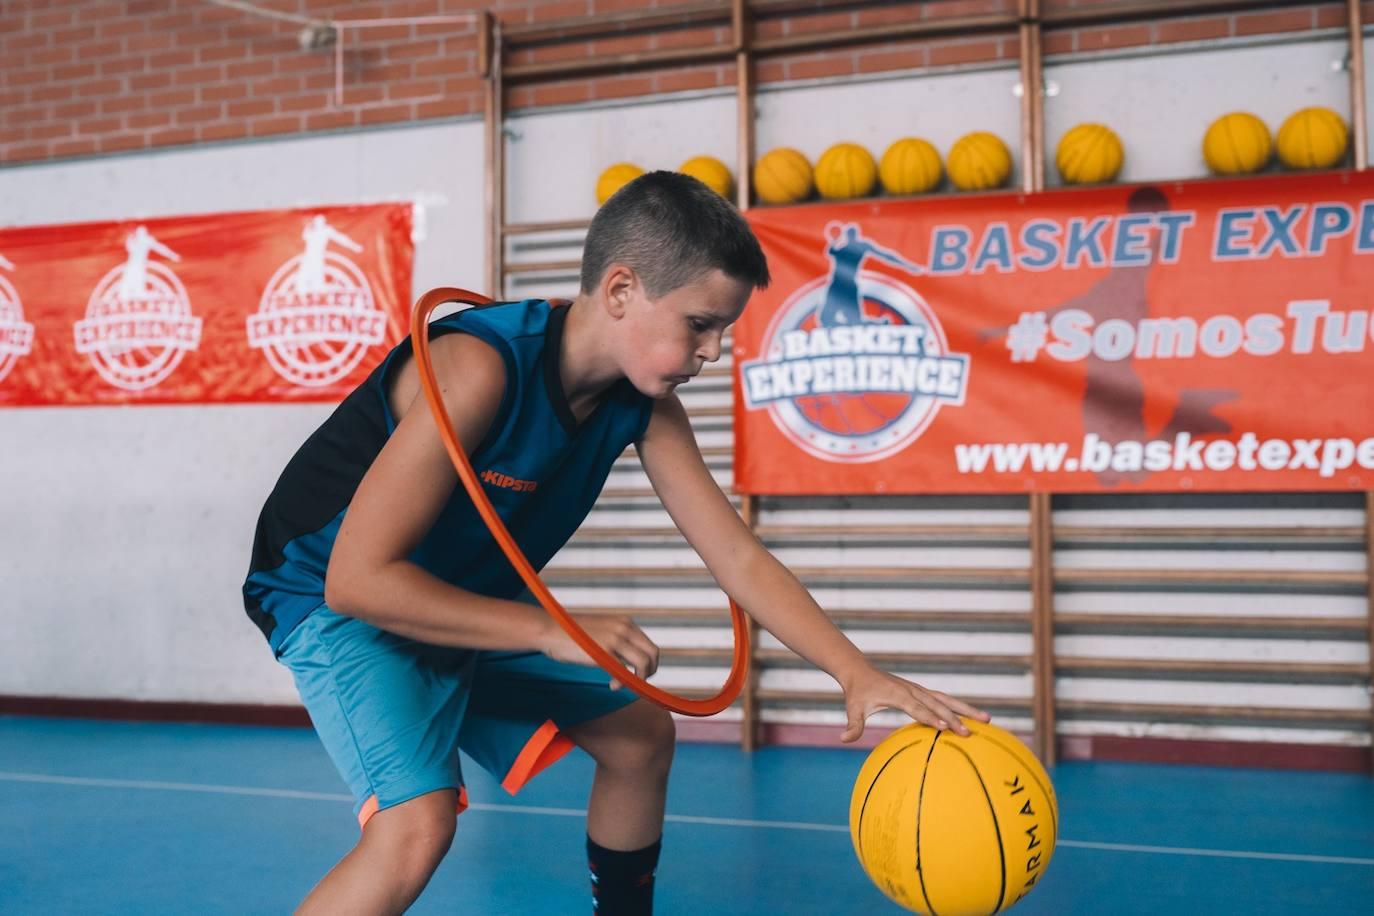 Nuevo éxito del campus Basket Experience